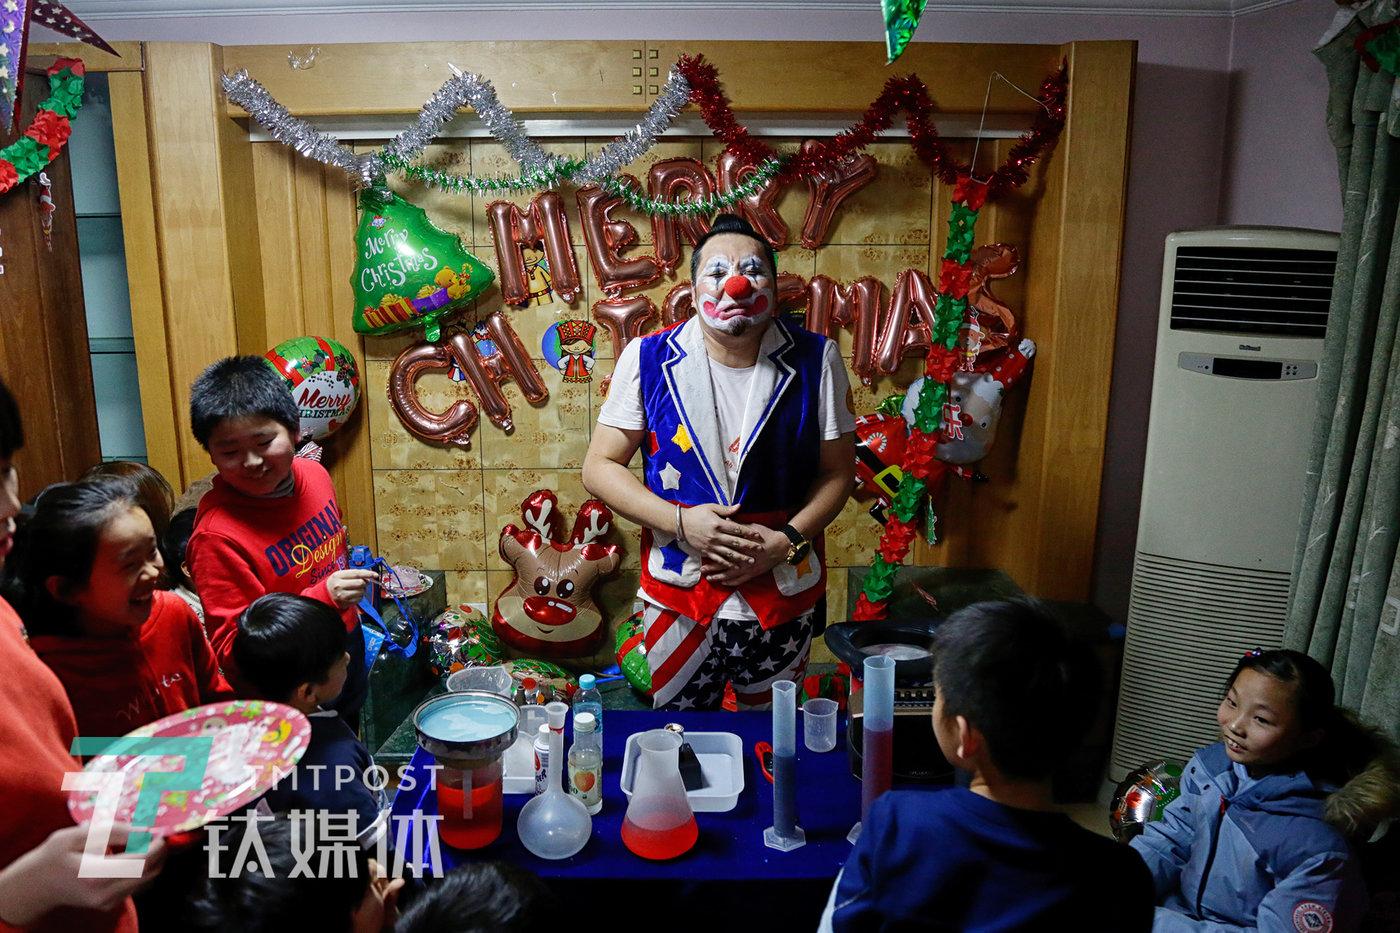 2019年12月21日,北京某课外辅导机构,一场圣诞主题聚会上,小丑演员阿绎在为到场的学生和家长表演。